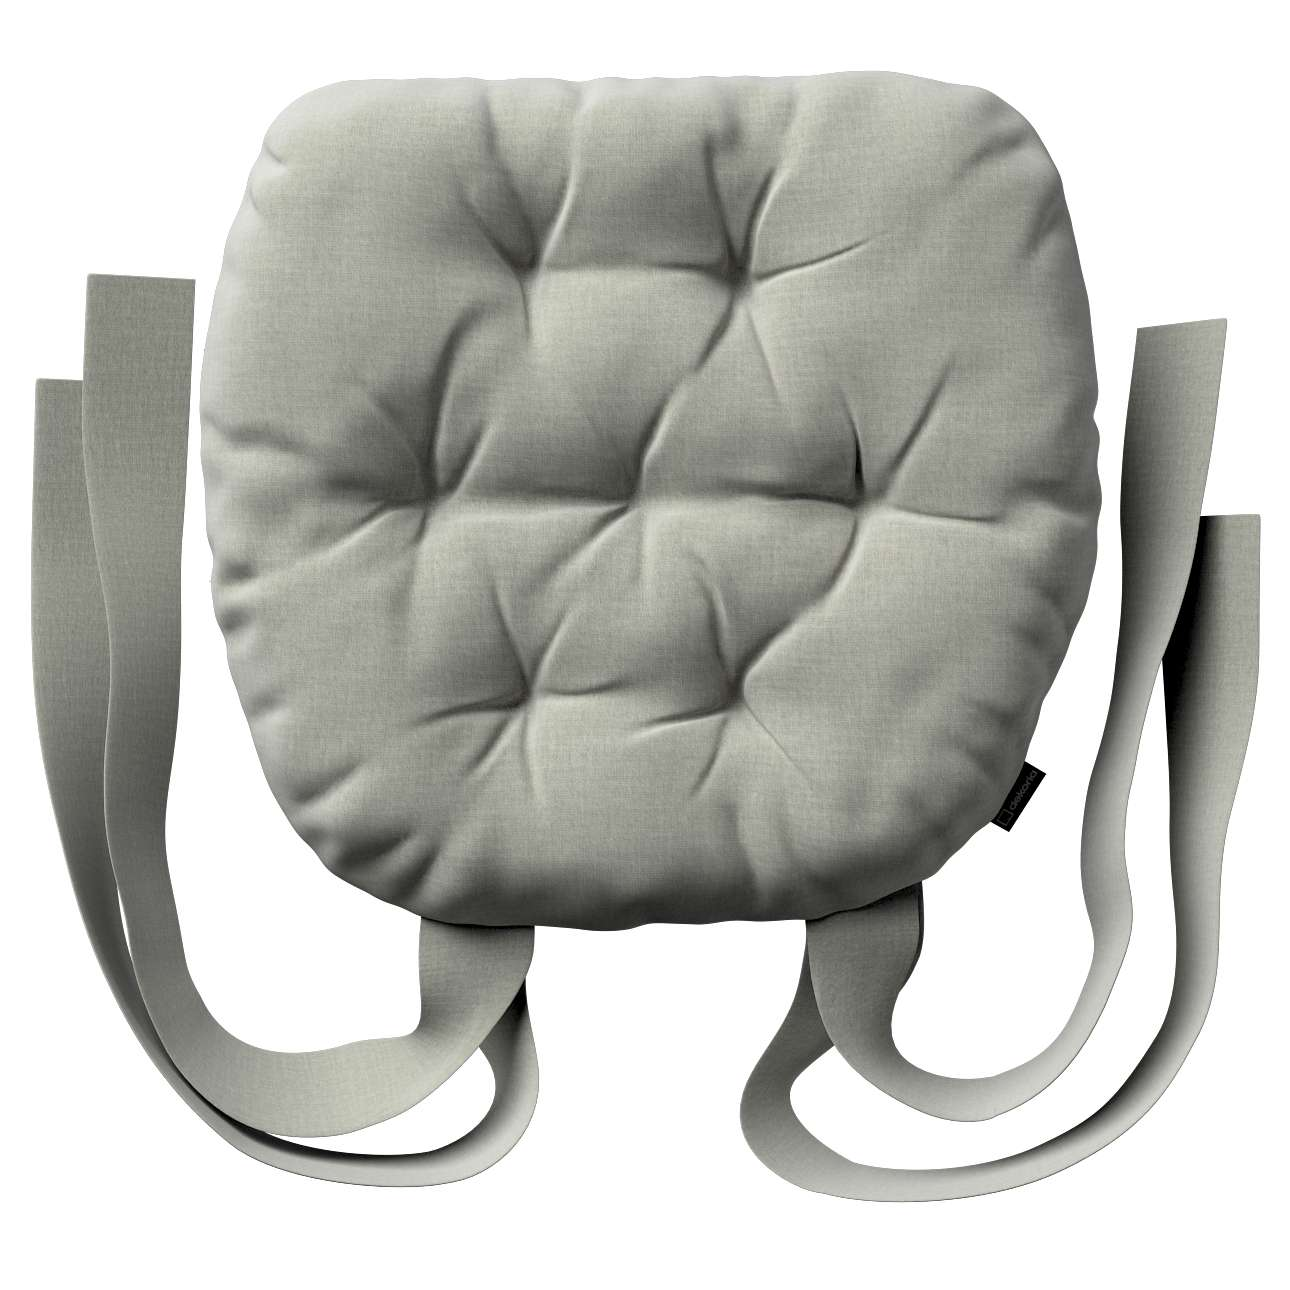 Siedzisko Marcin na krzesło w kolekcji Ingrid, tkanina: 705-41